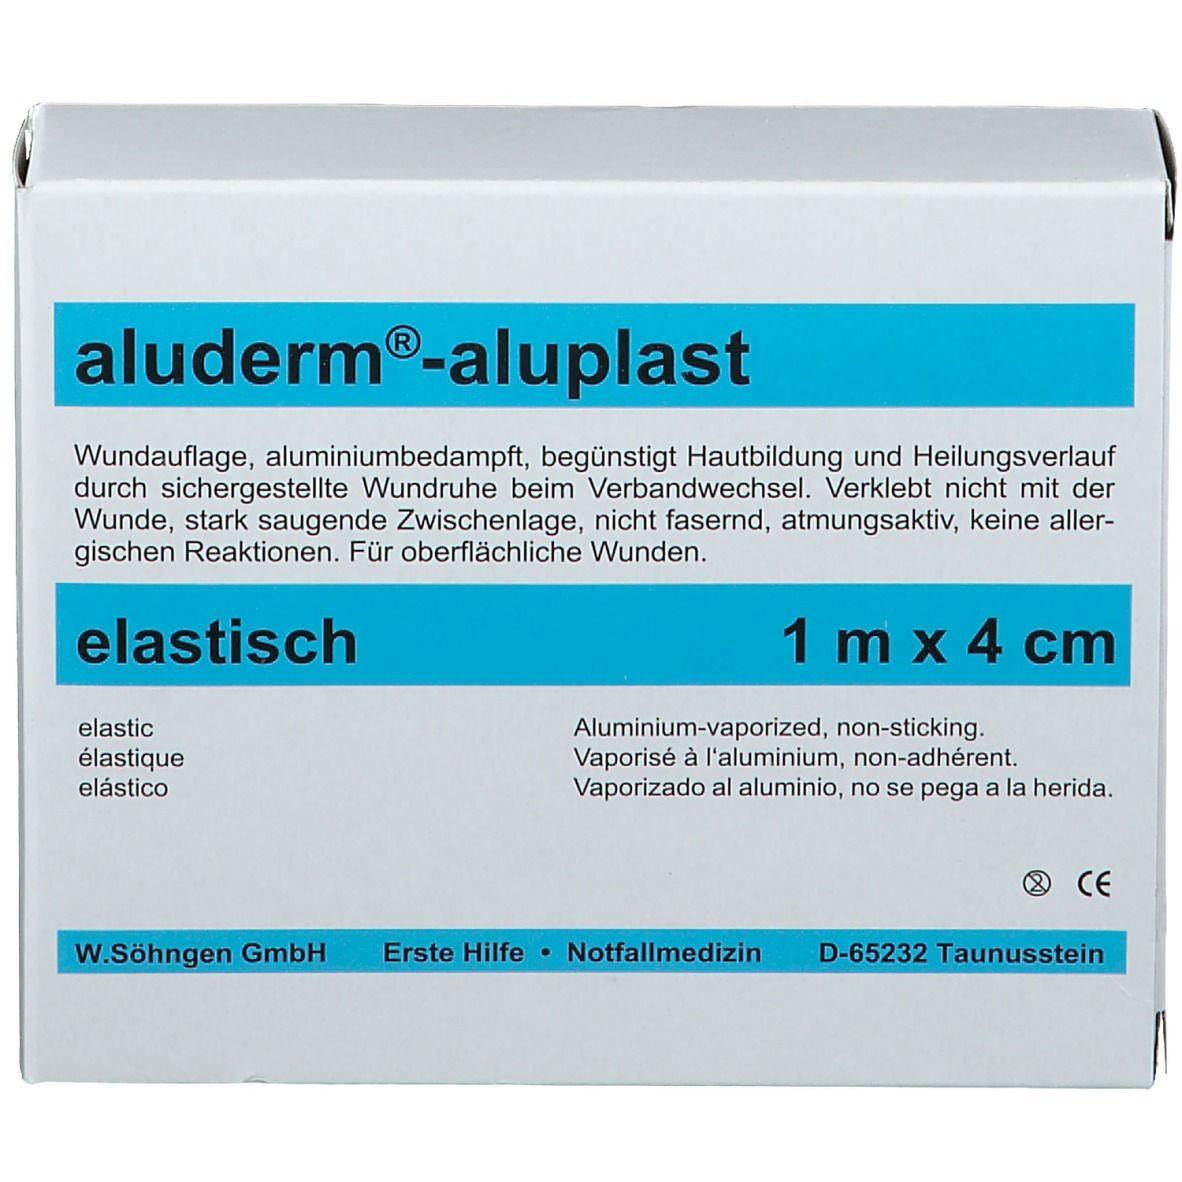 Söhngen® aluderm®-aluplast elastisches Pflaster | 1 m x 4 cm